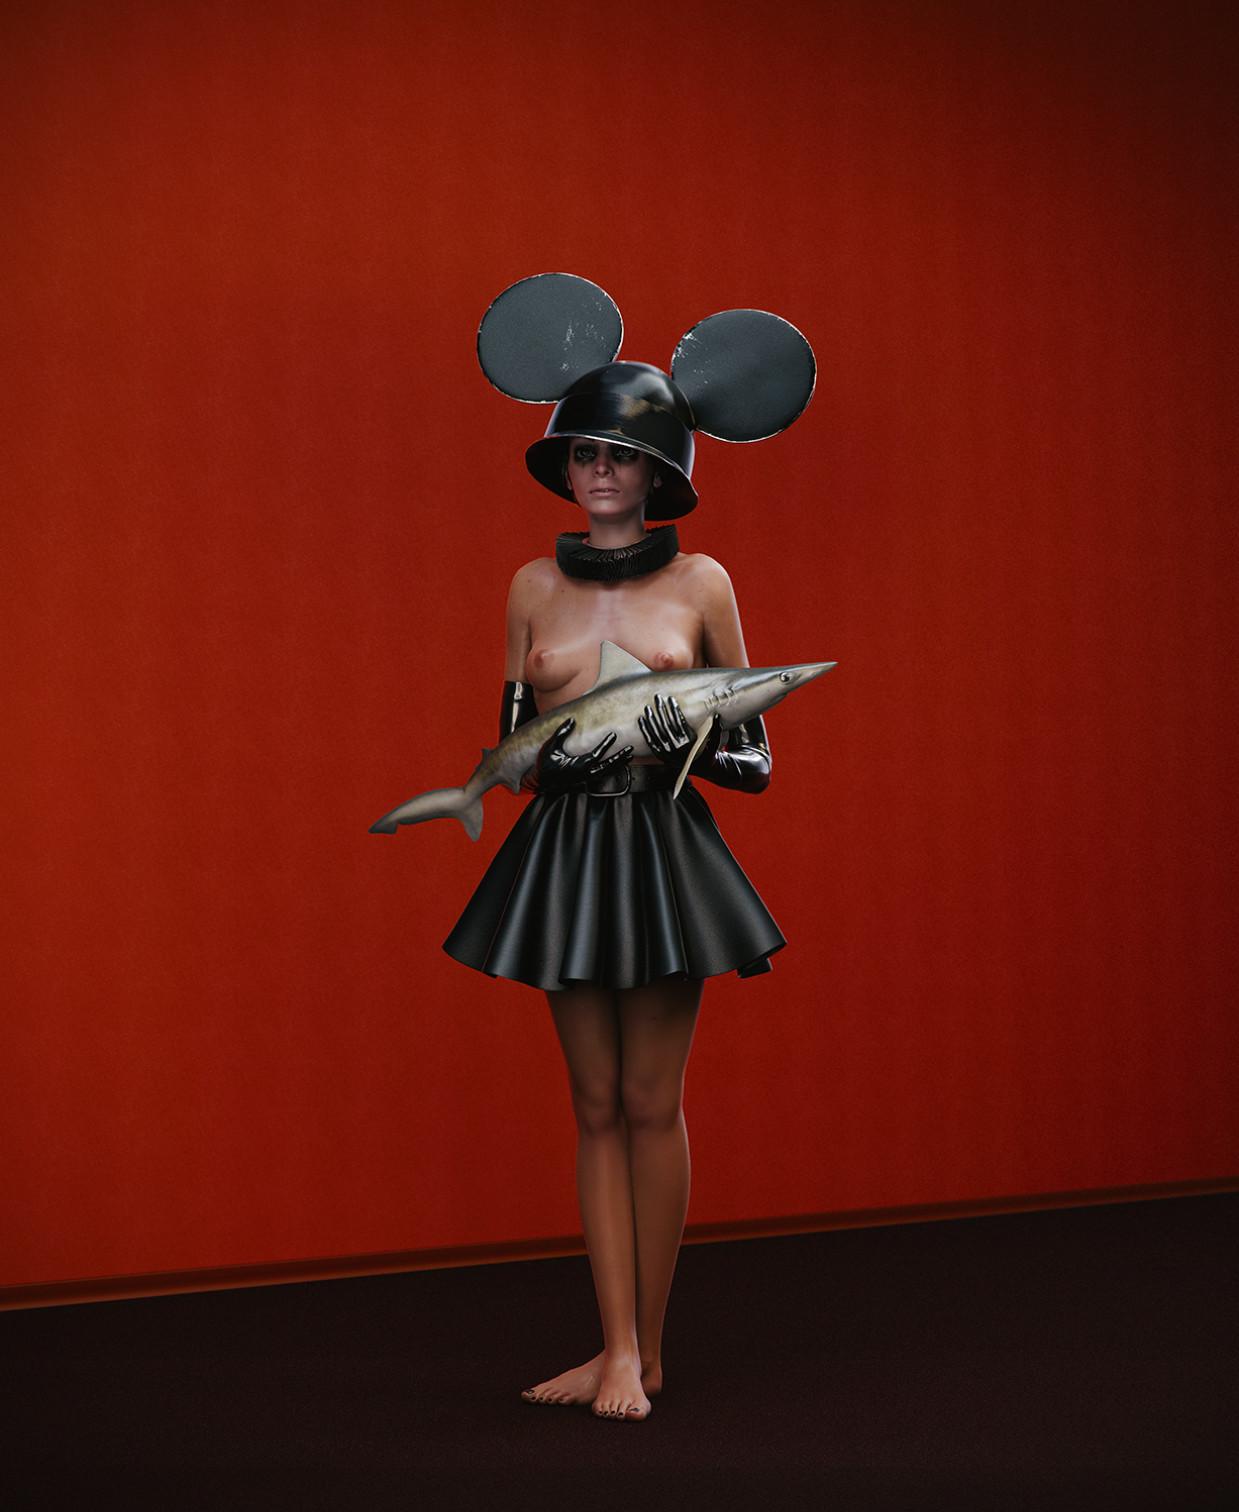 Martin nikolov mouse 01